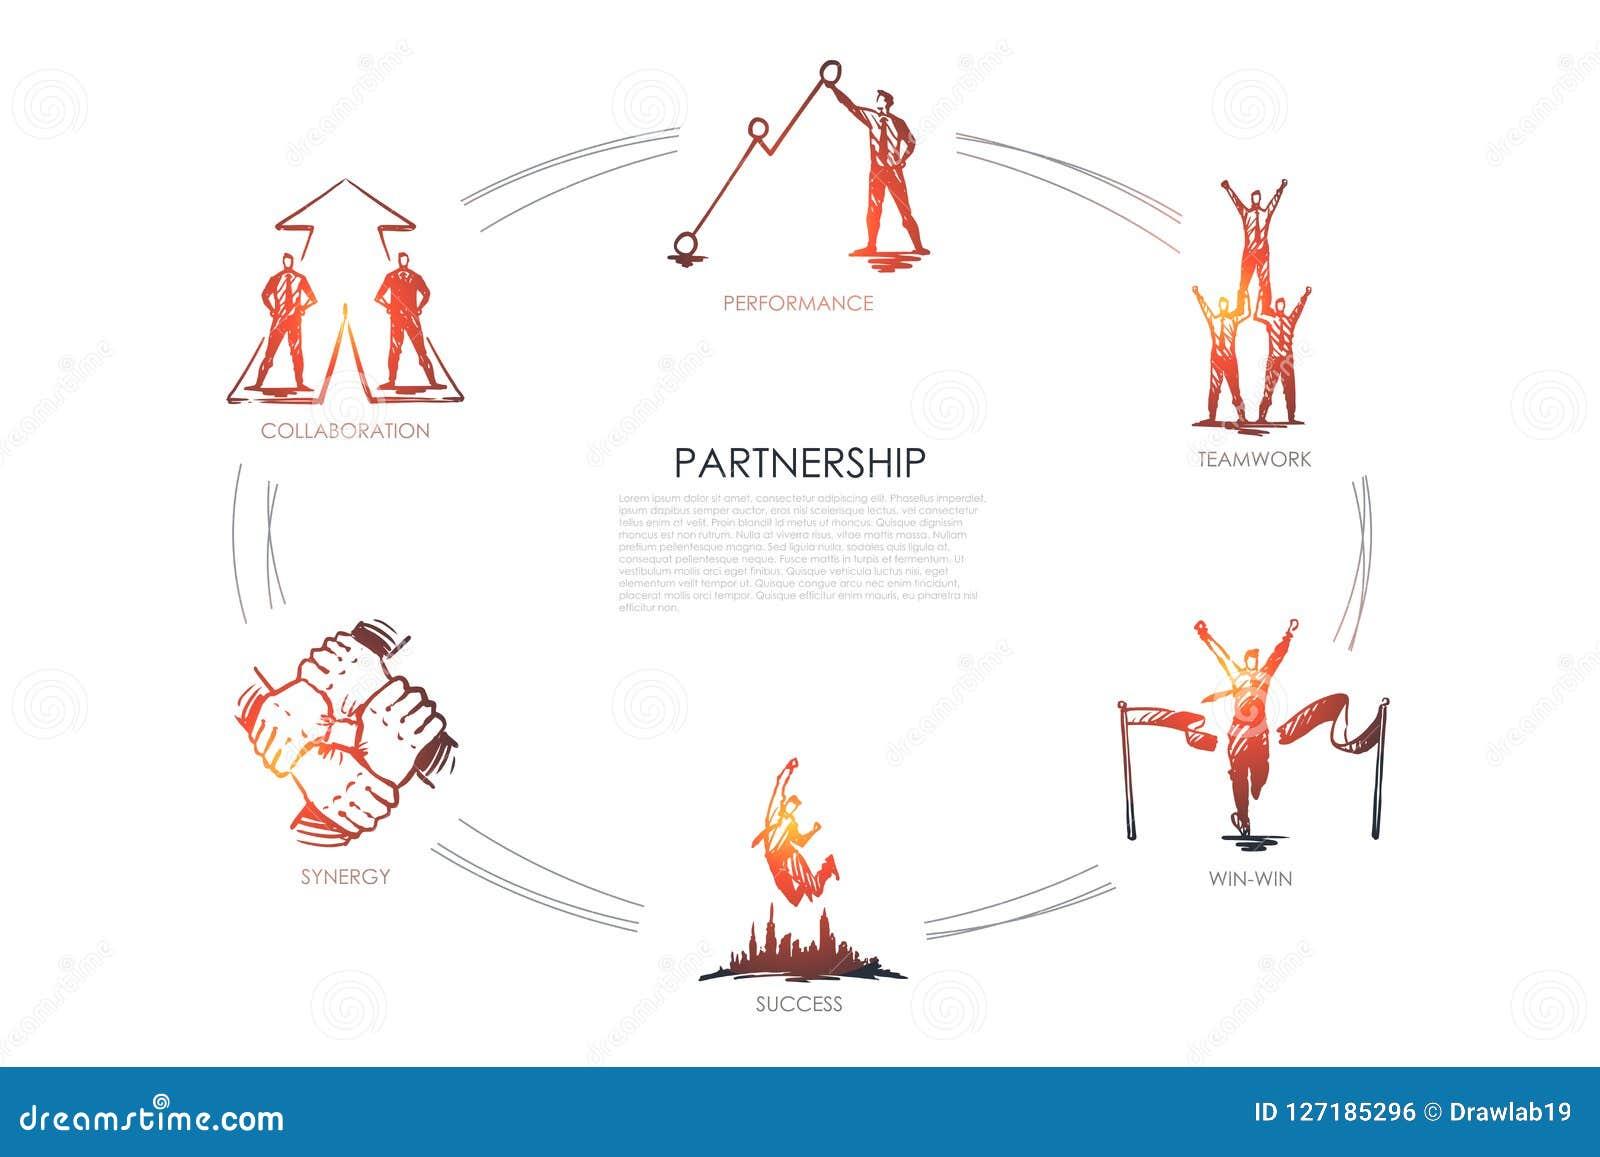 Vennootschap - win-win groepswerk, samenwerking, prestaties, synergisme vastgesteld concept